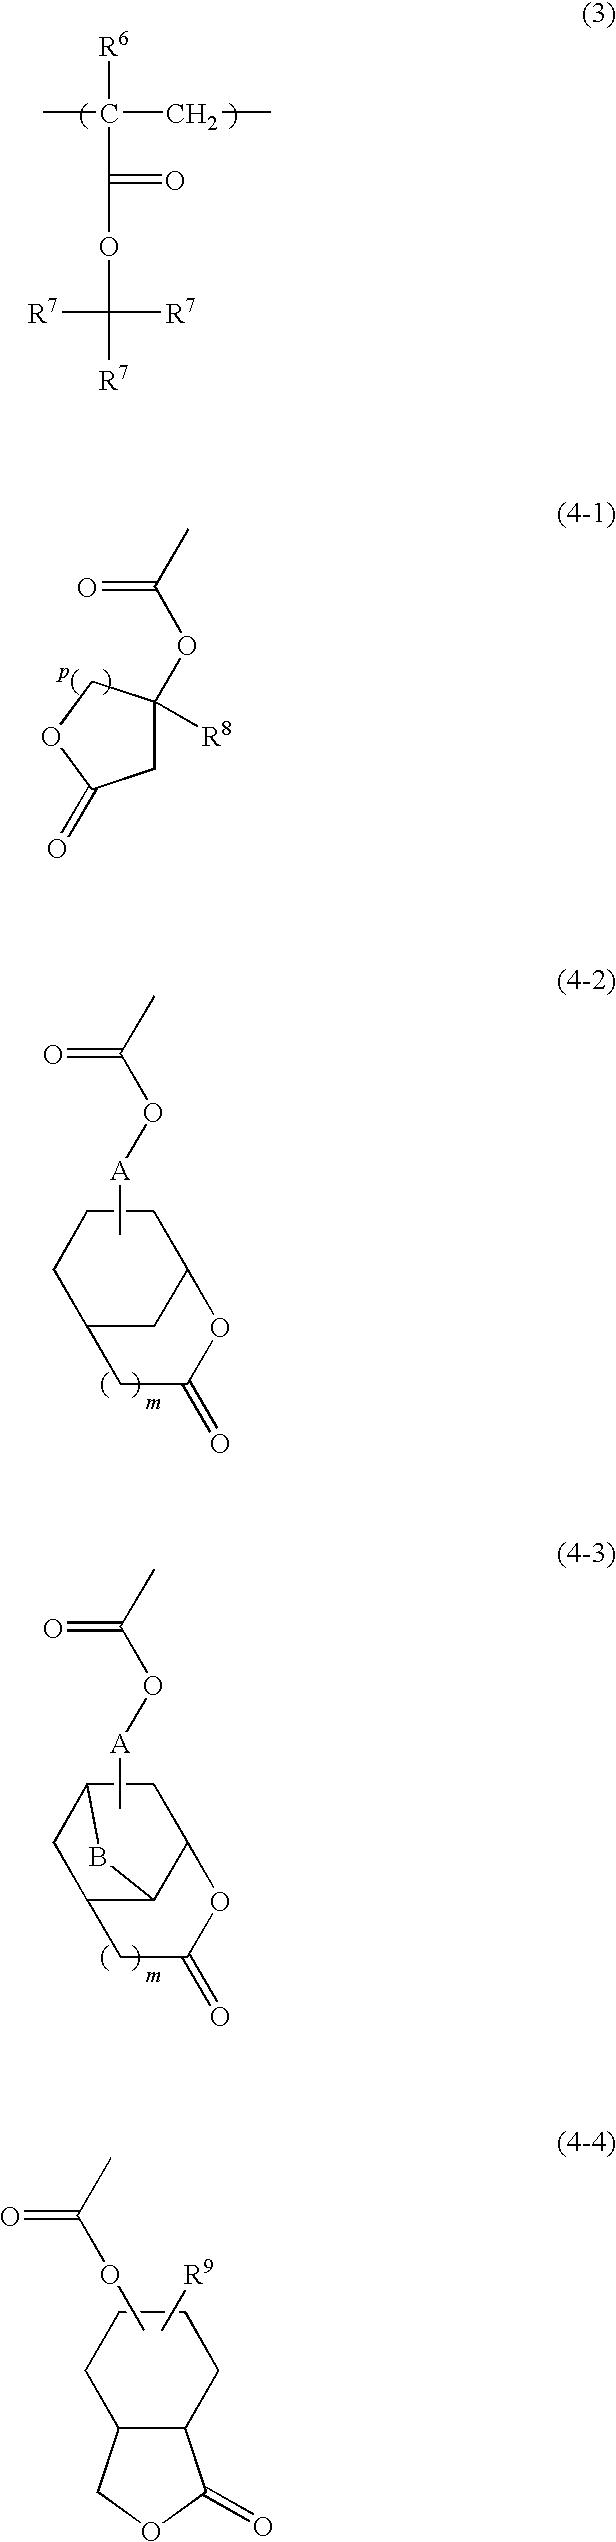 Figure US20100068650A1-20100318-C00013